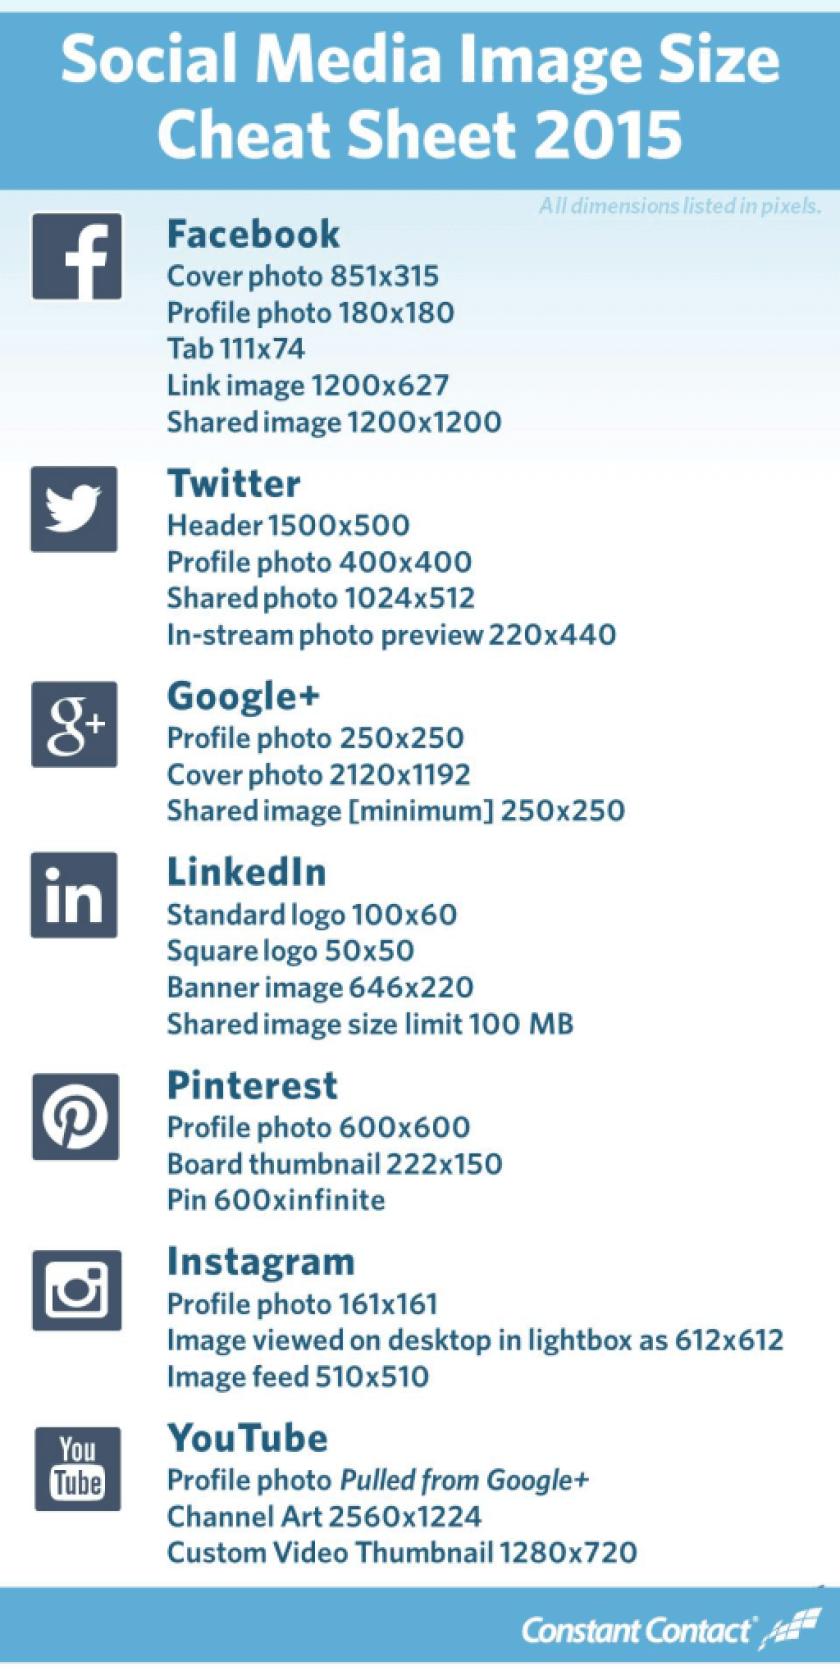 Social Media Bildgrößen - Größen von Profilbildern, Titelbildern und weiteren relevanten Formaten 2015